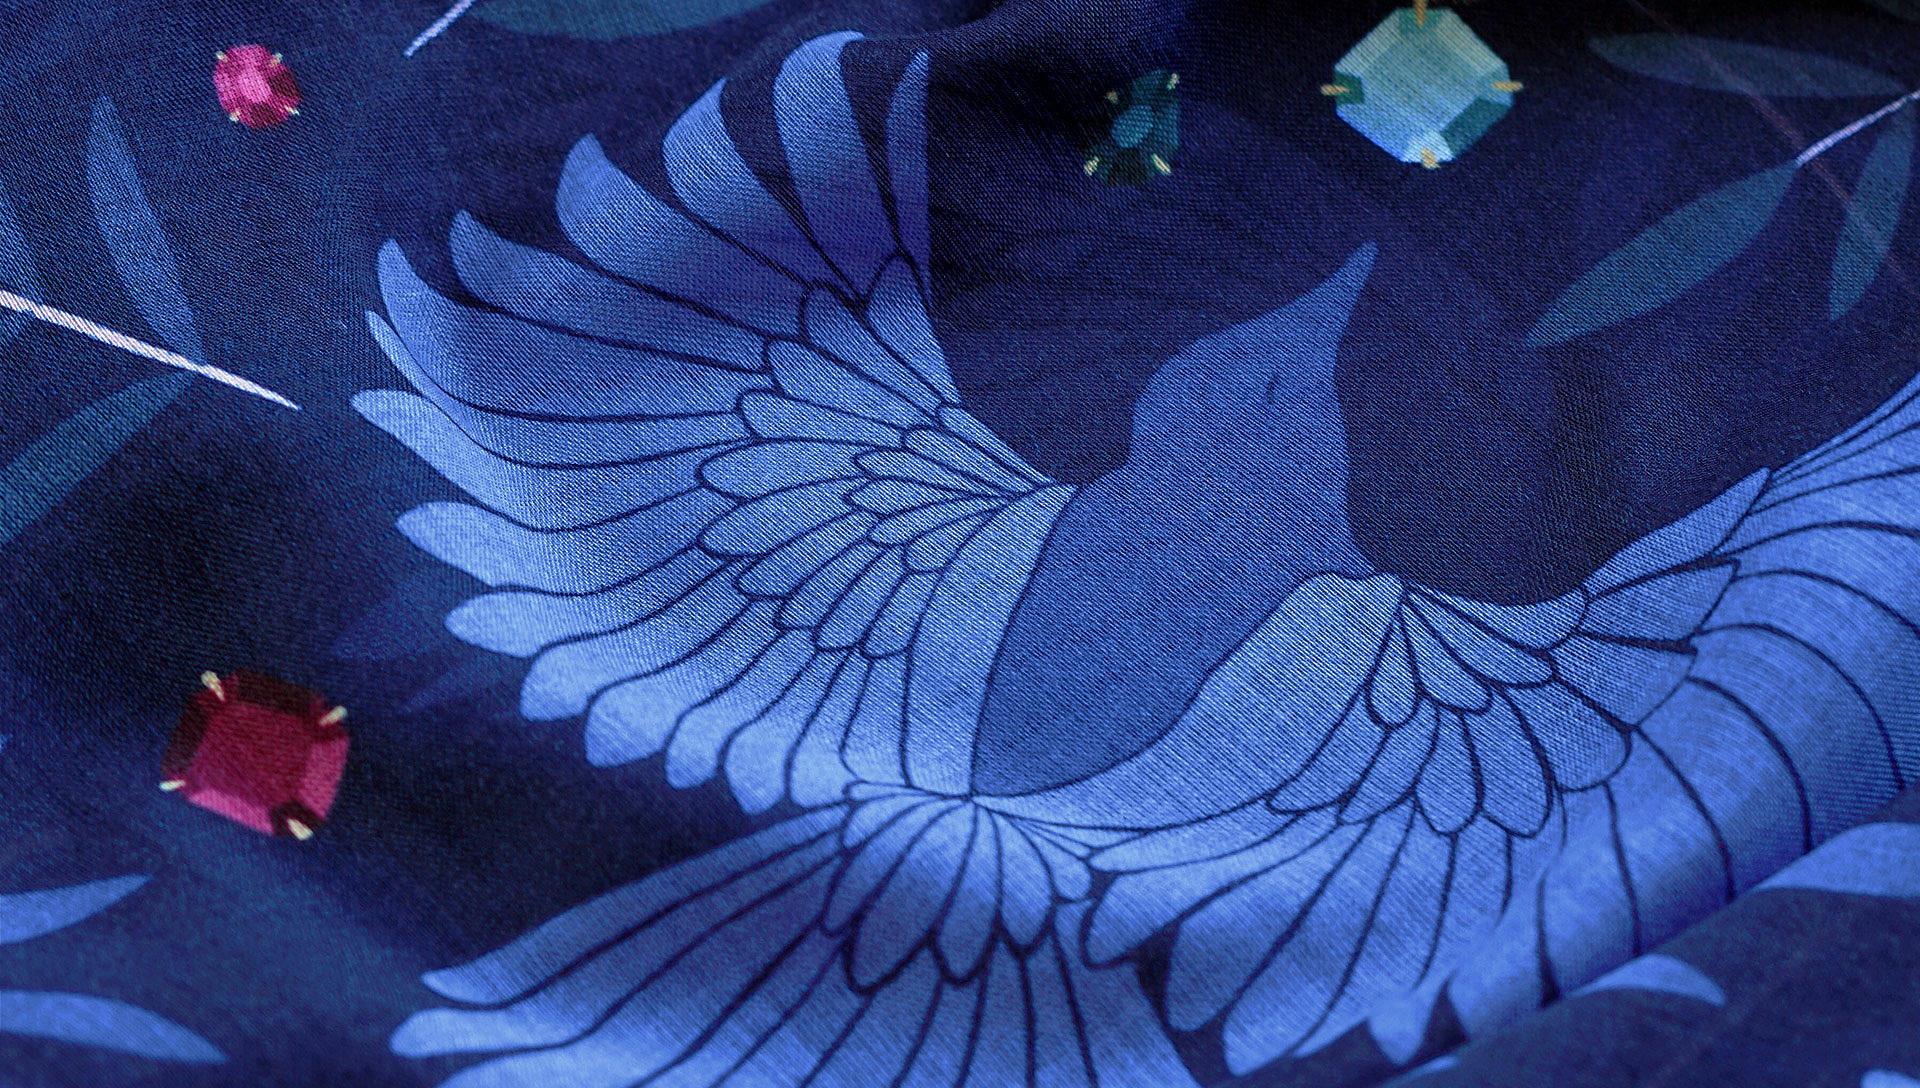 LeChaleBleu-cashmere-shawls-indigo-magpies-zoom-home